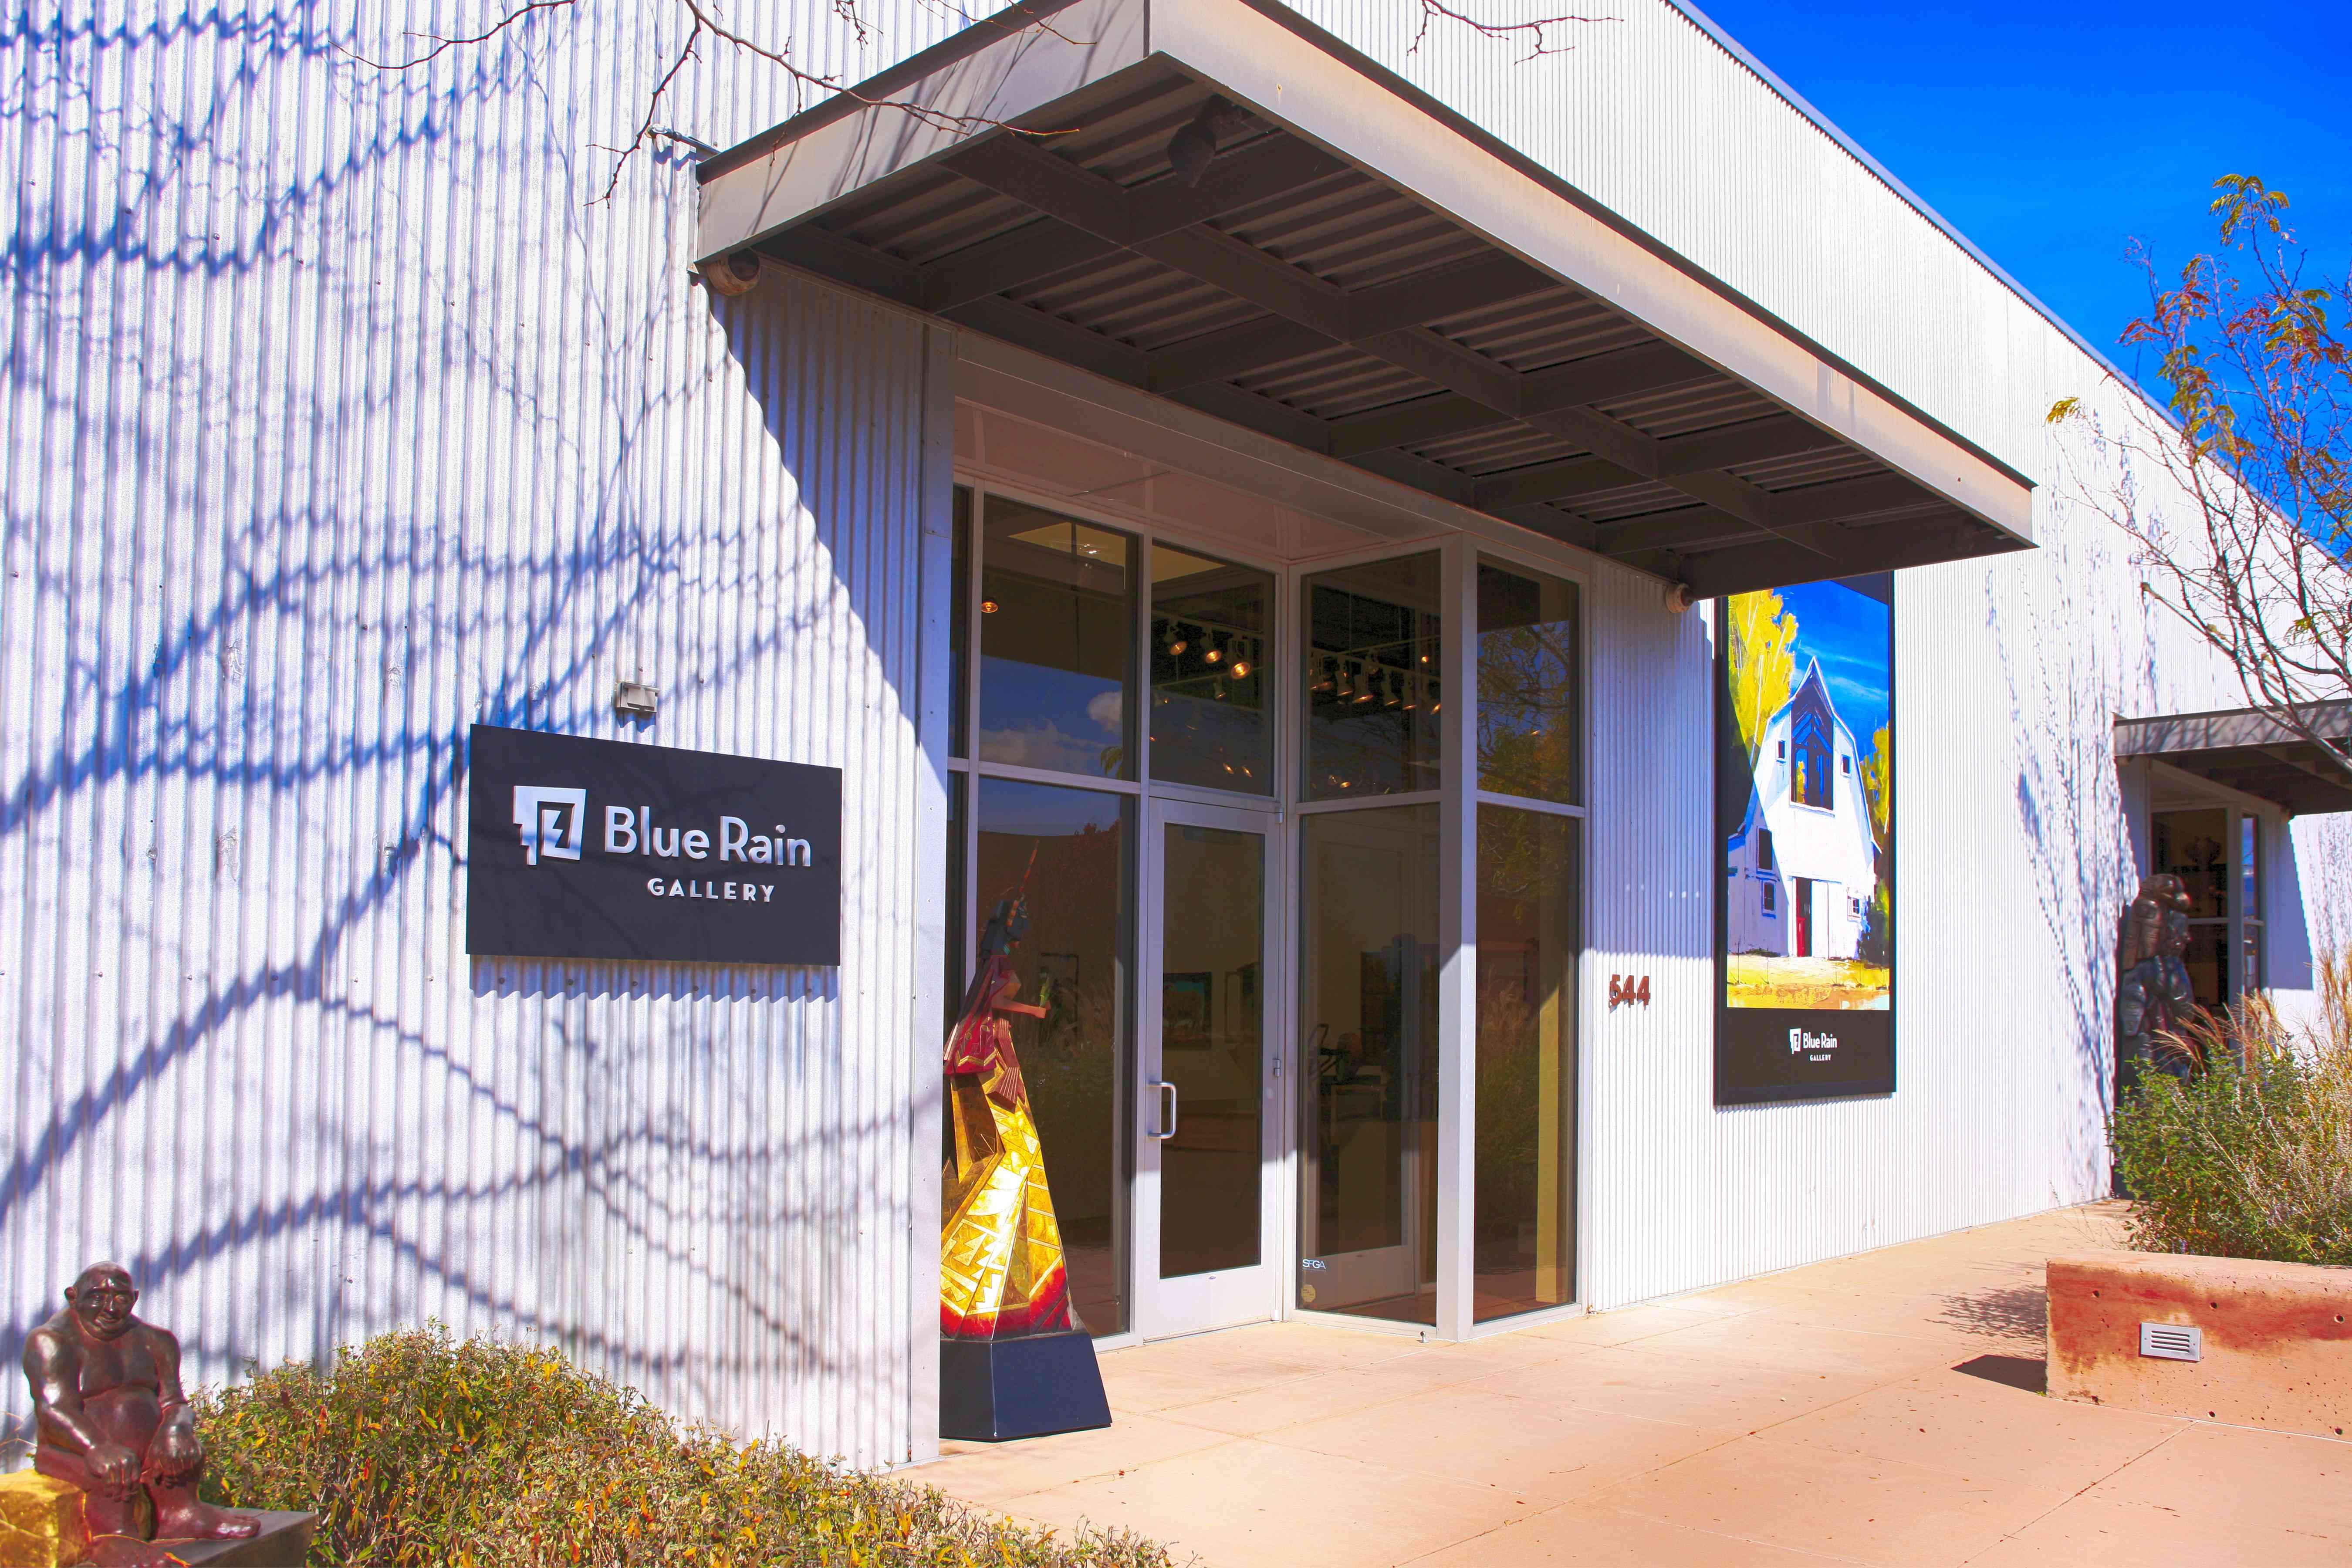 Edificio de la galería de arte Blue Rain en el distrito de arte de railyard de Santa Fe, Nuevo México